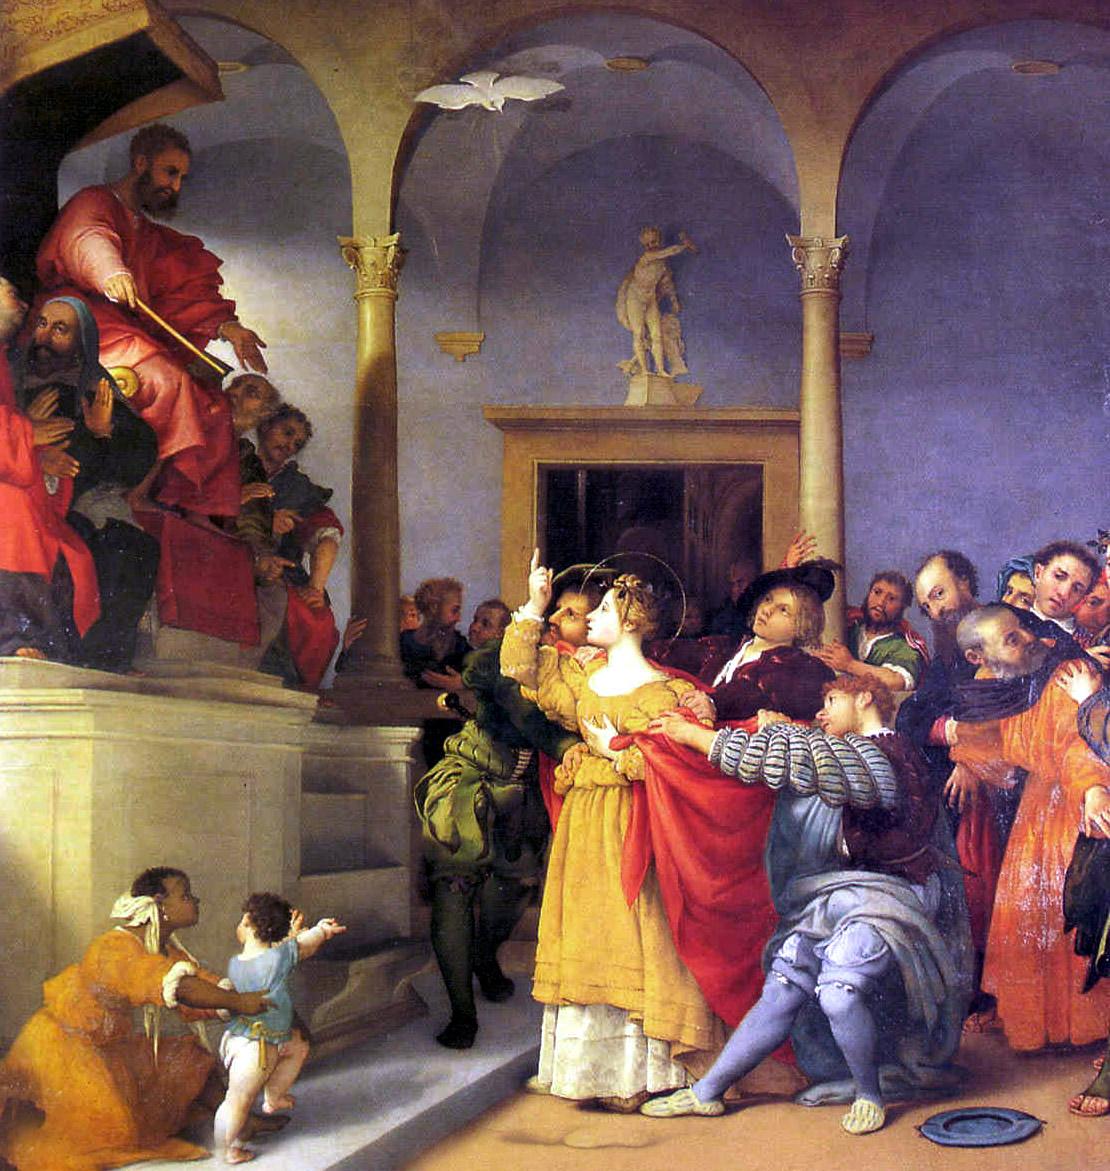 L.-Lotto-Pala-di-S.-Lucia-1532-tavola-centrale-Pinacoteca-civica-di-Jesi-